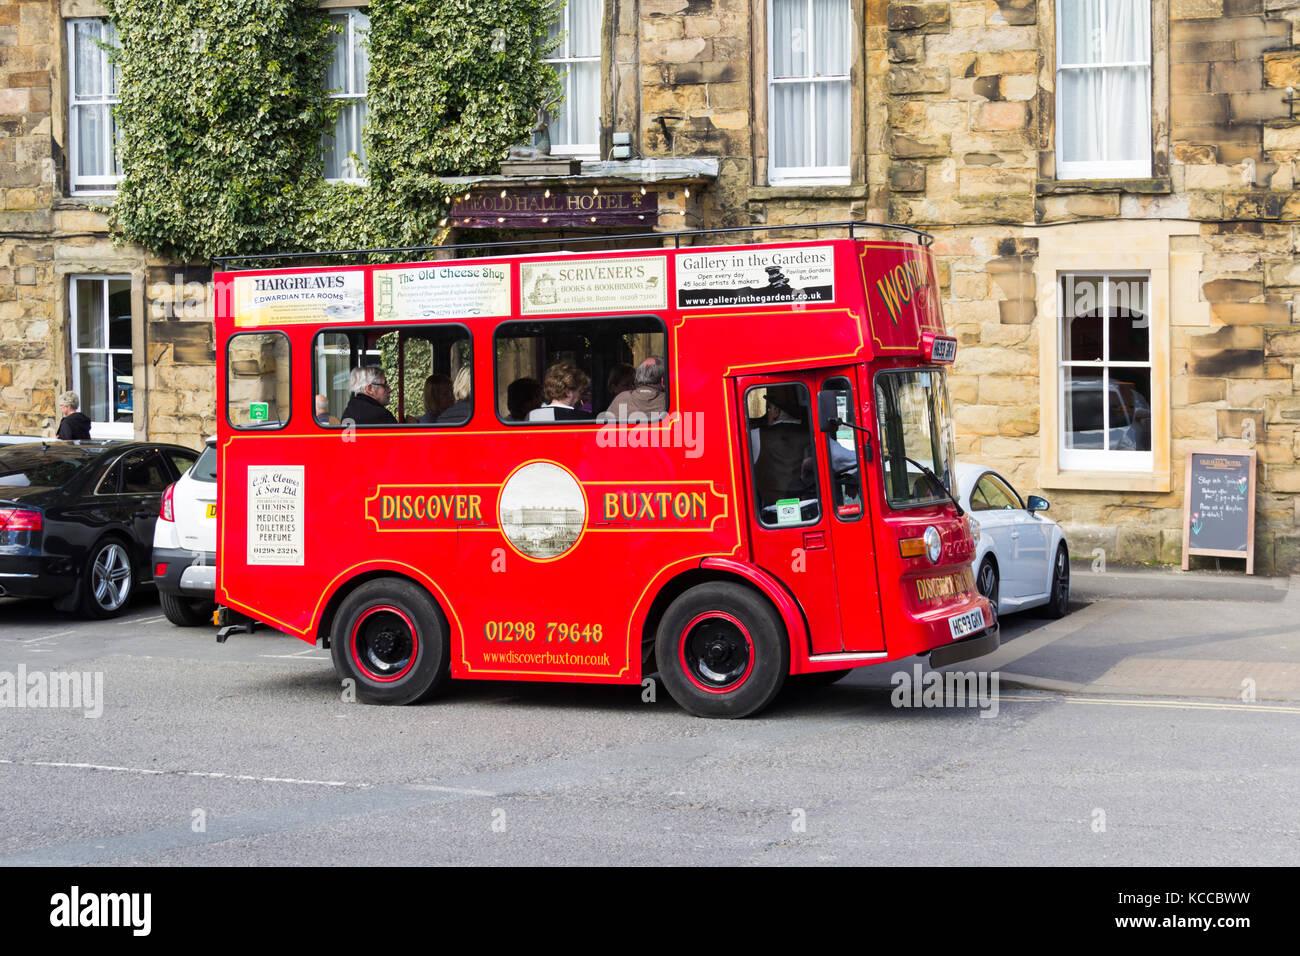 Mini tour tram Buxton Découvrez une attraction touristique. Ce véhicule électrique à huit places, Photo Stock